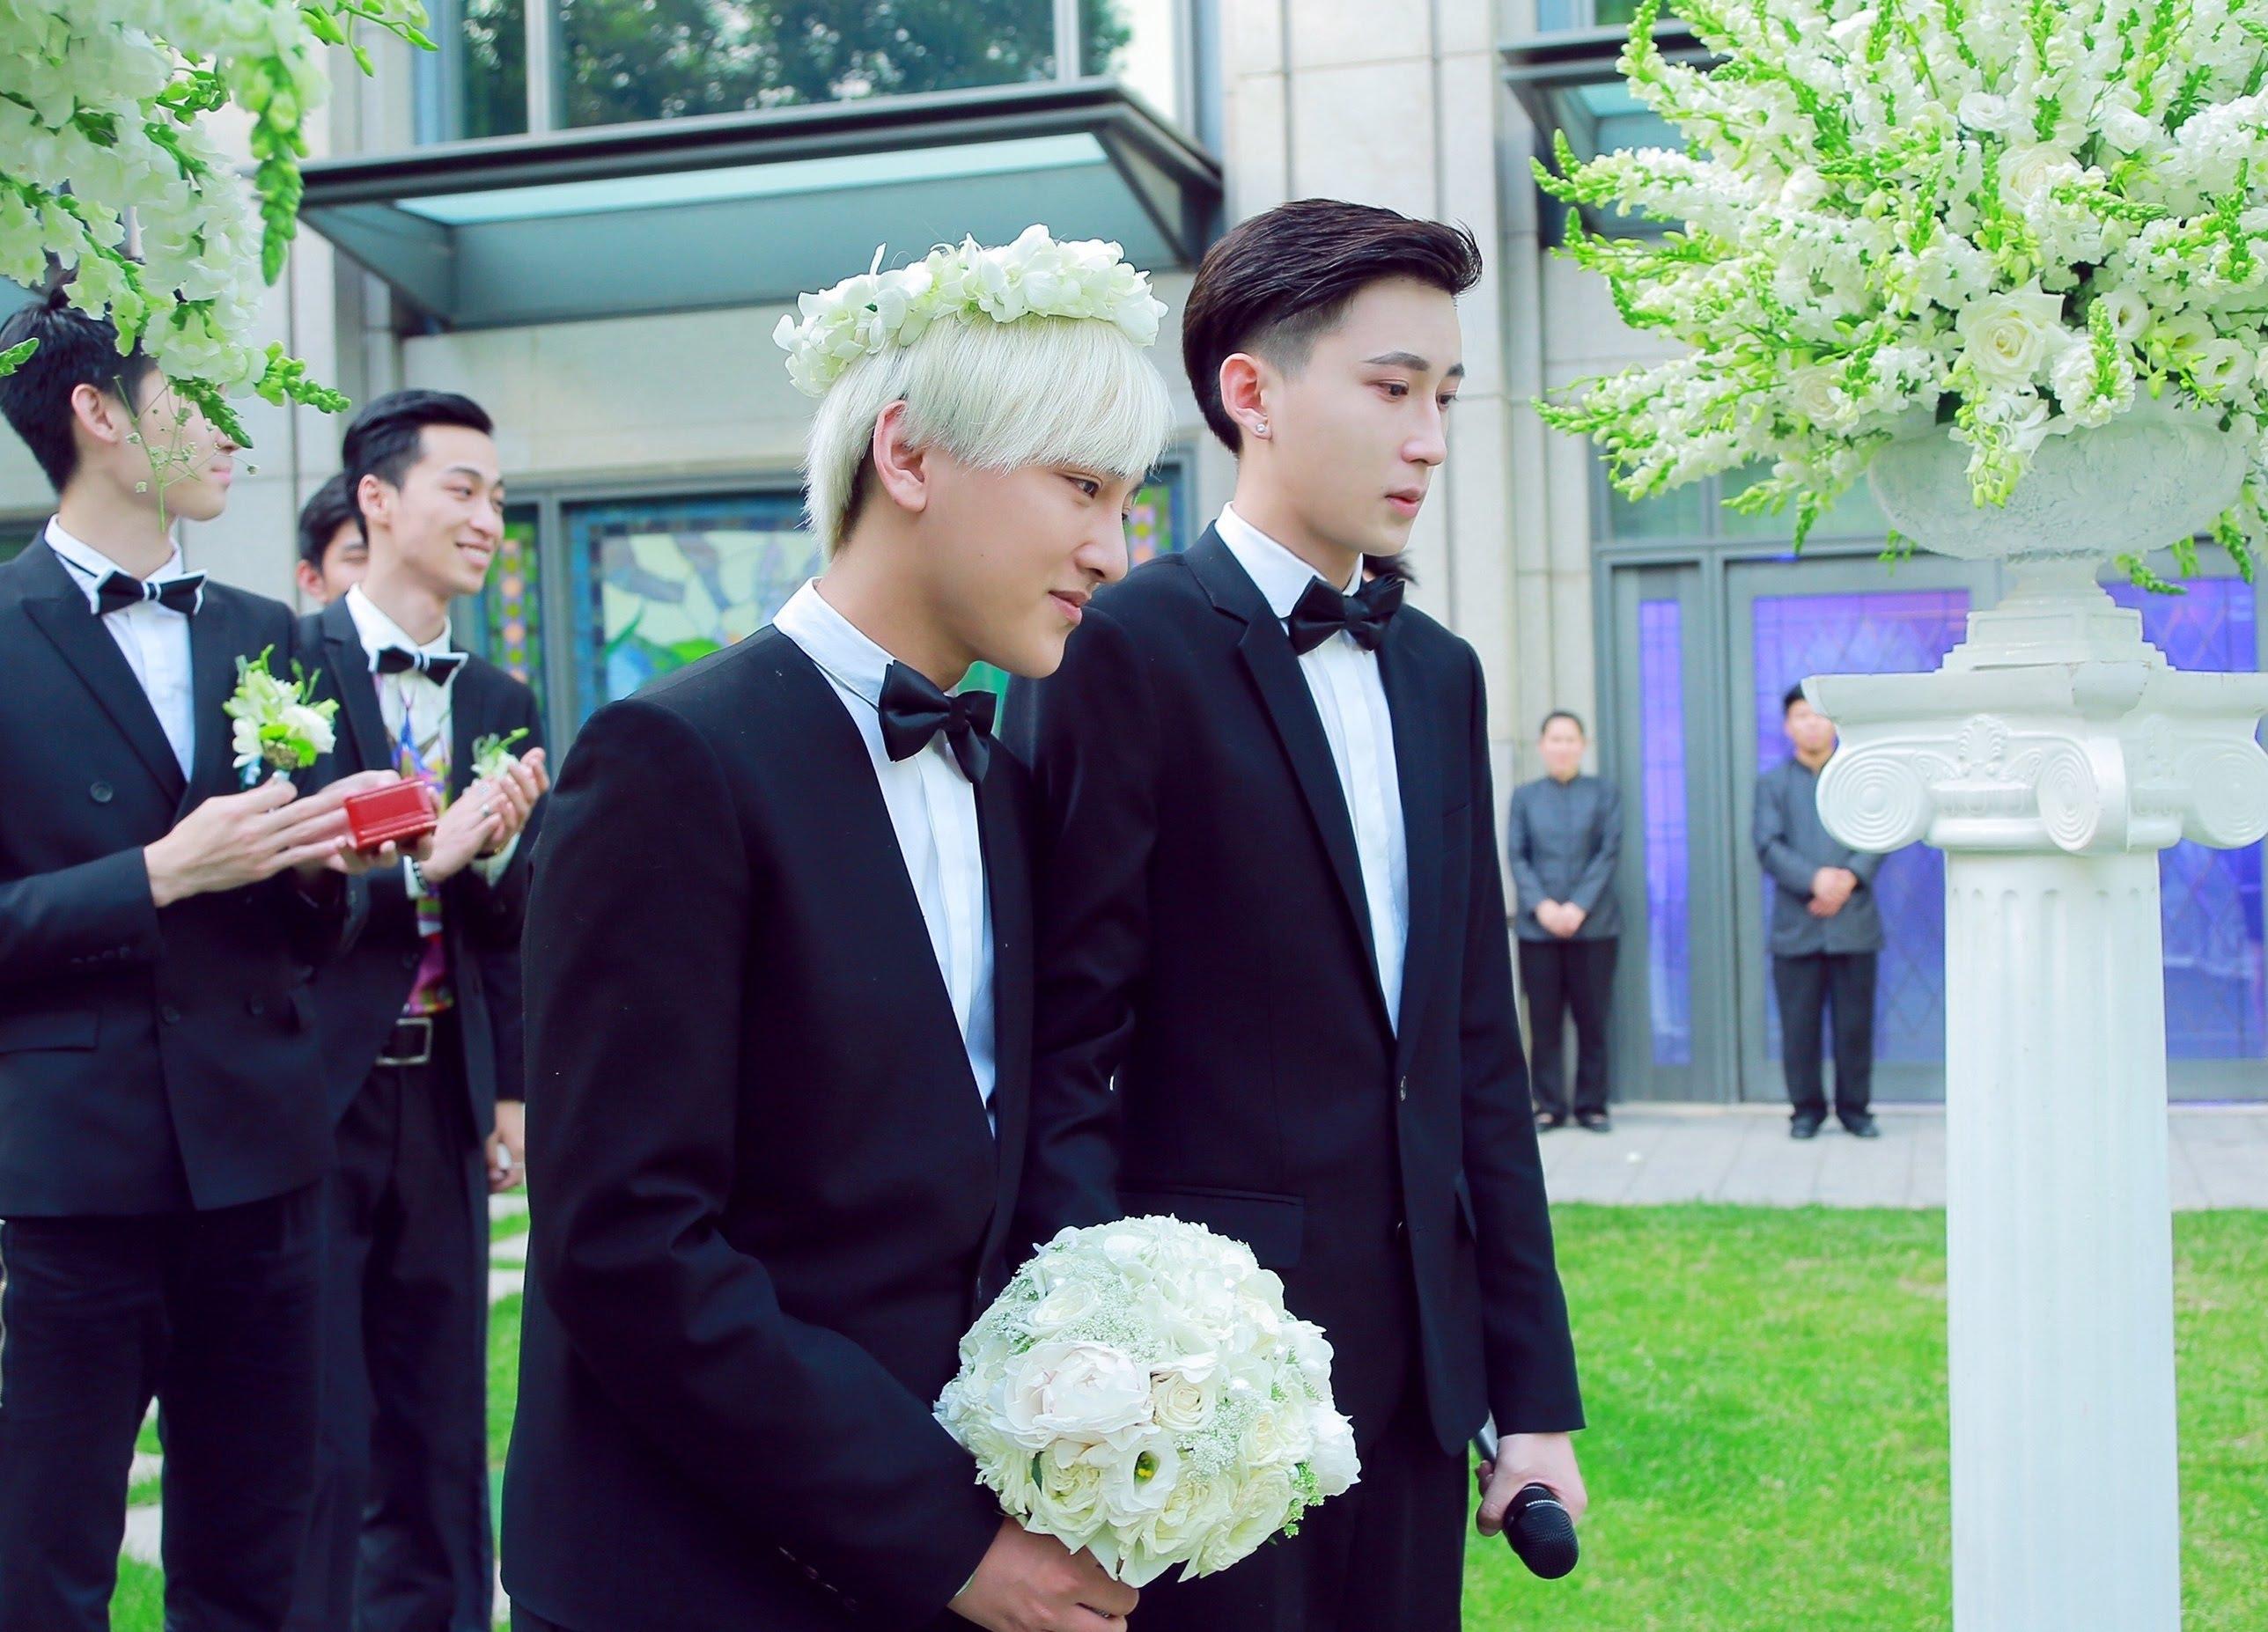 Sizi Aşka İnandıracak '13' Eşcinsel Düğün Fotoğrafı